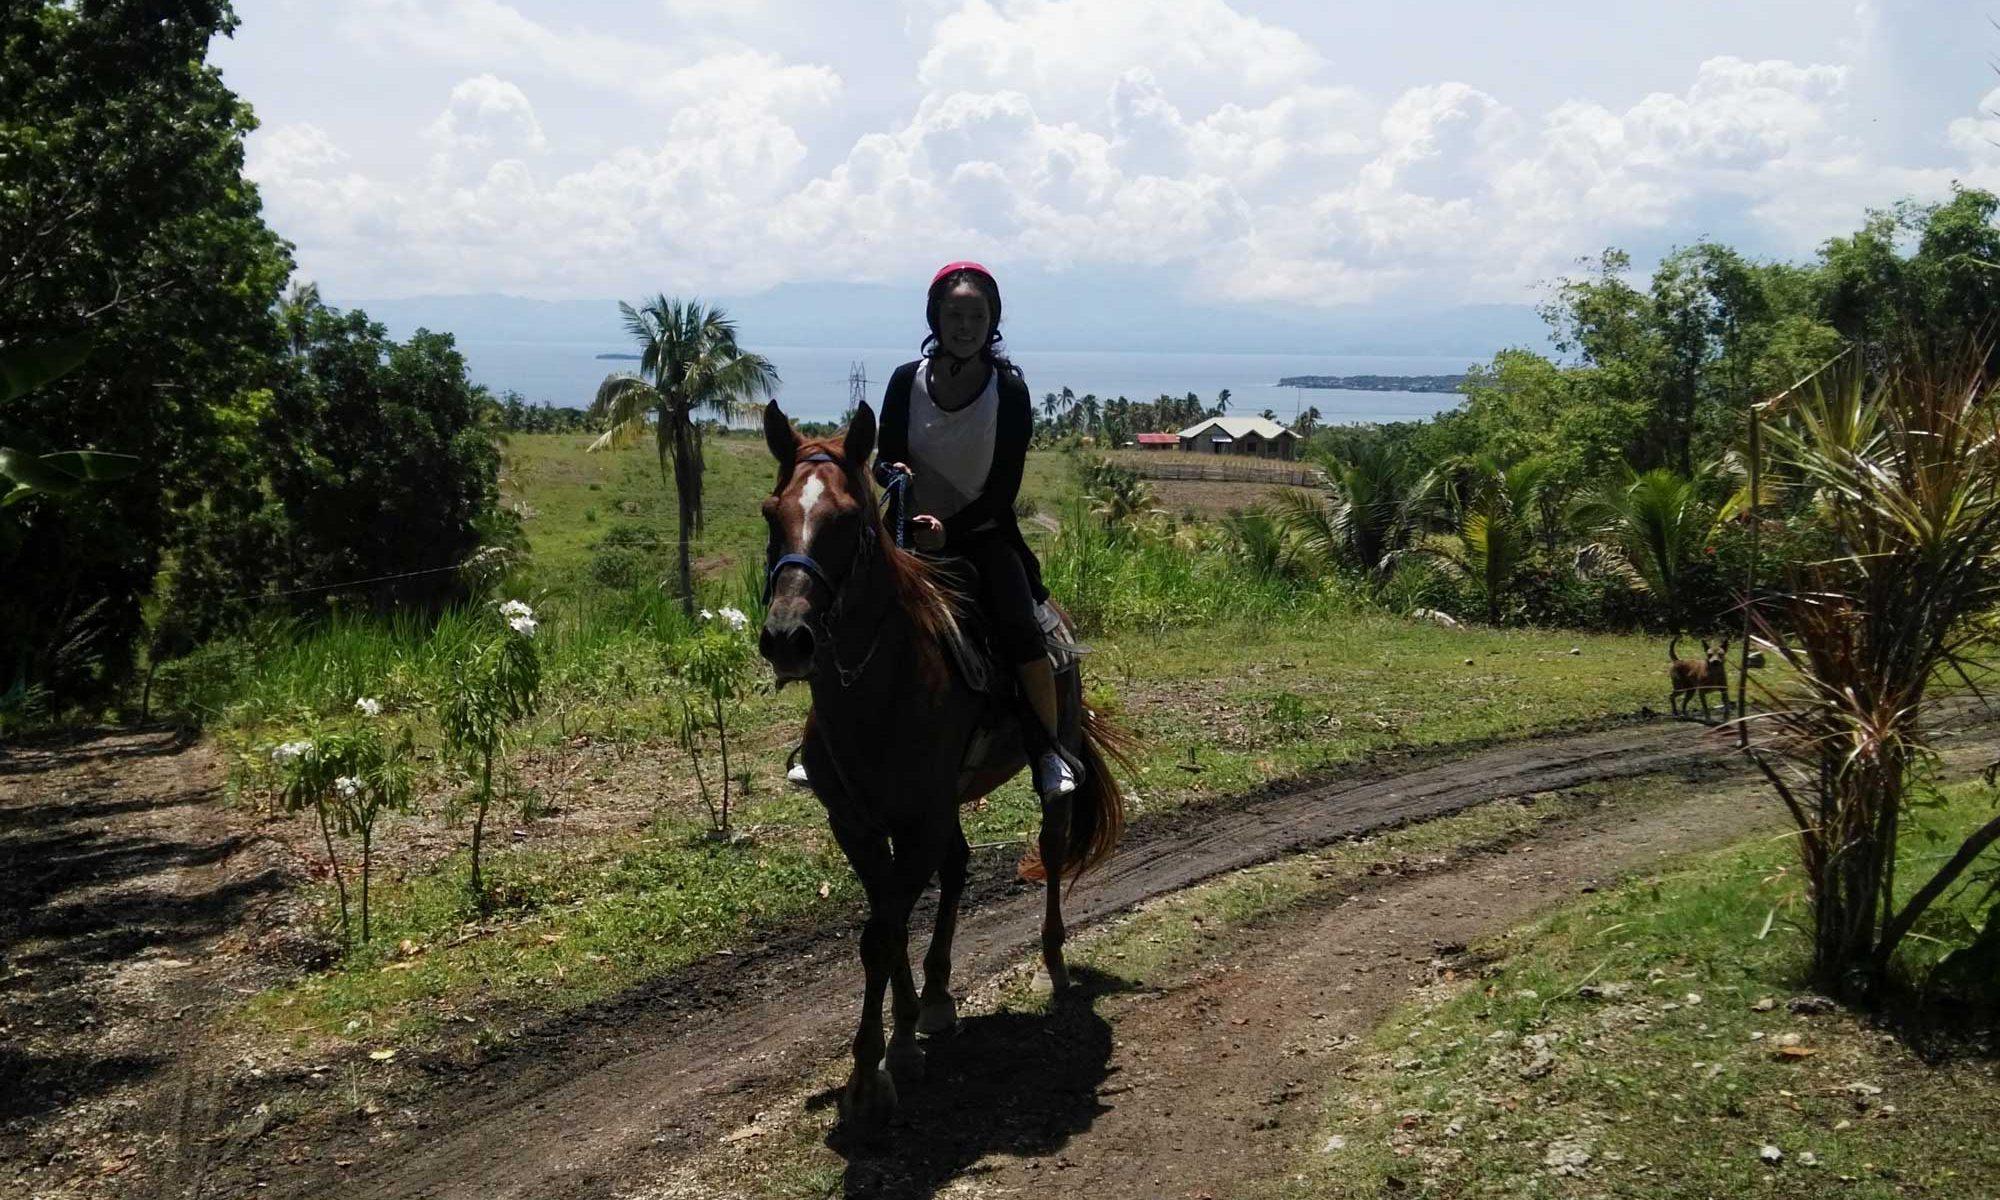 Horseback riding at Moalboal